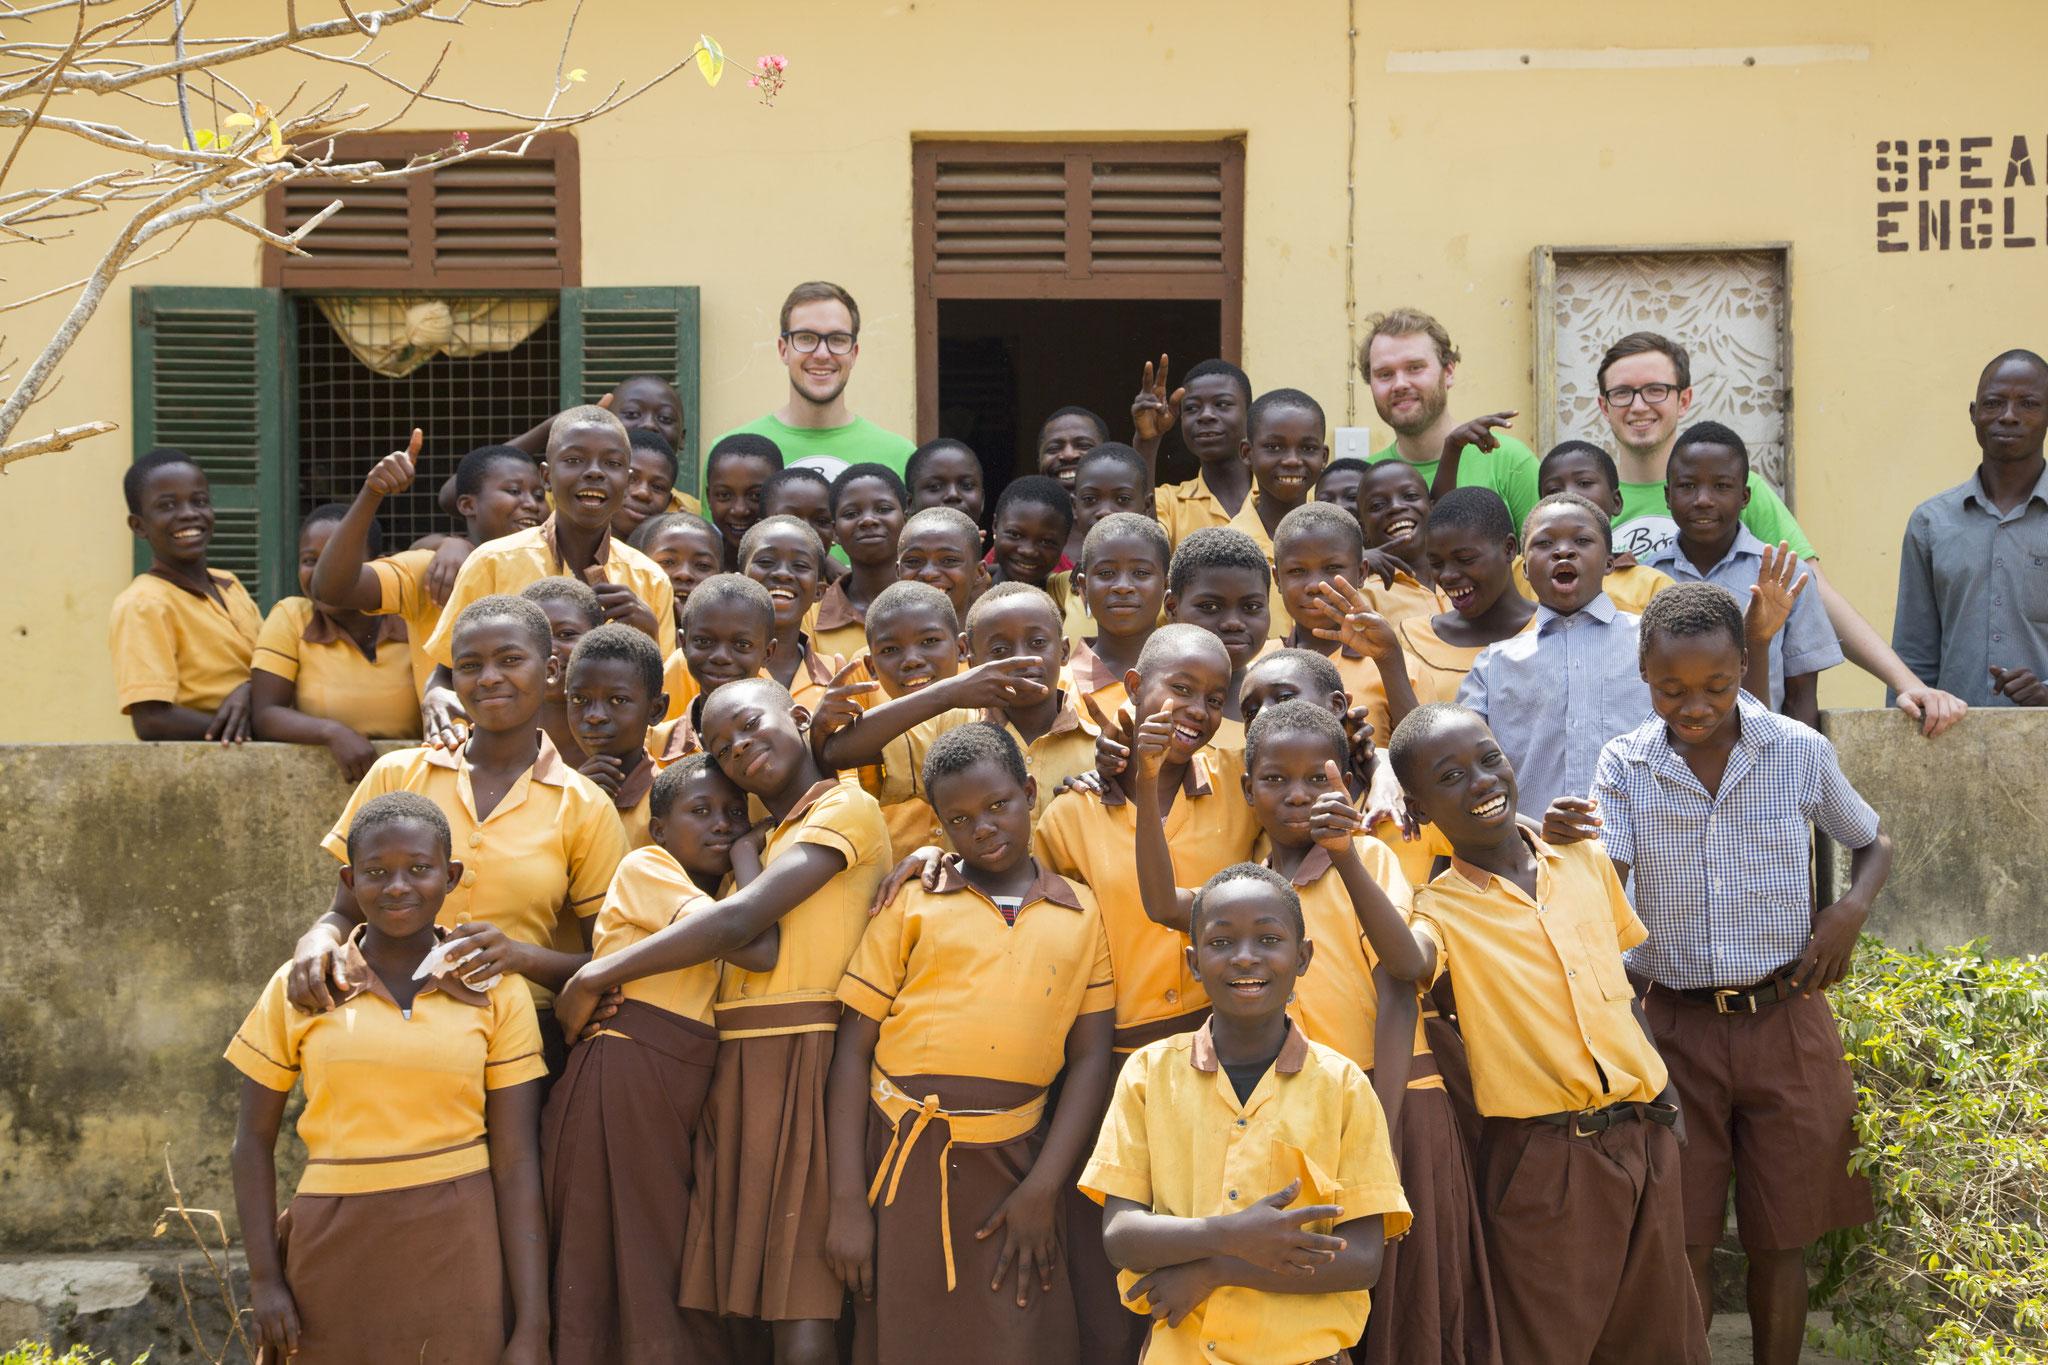 Der schon begonnene Bau einer eigenen Schule in der Ashanti Region für bis zu 1000 Schülerinnen und Schüler